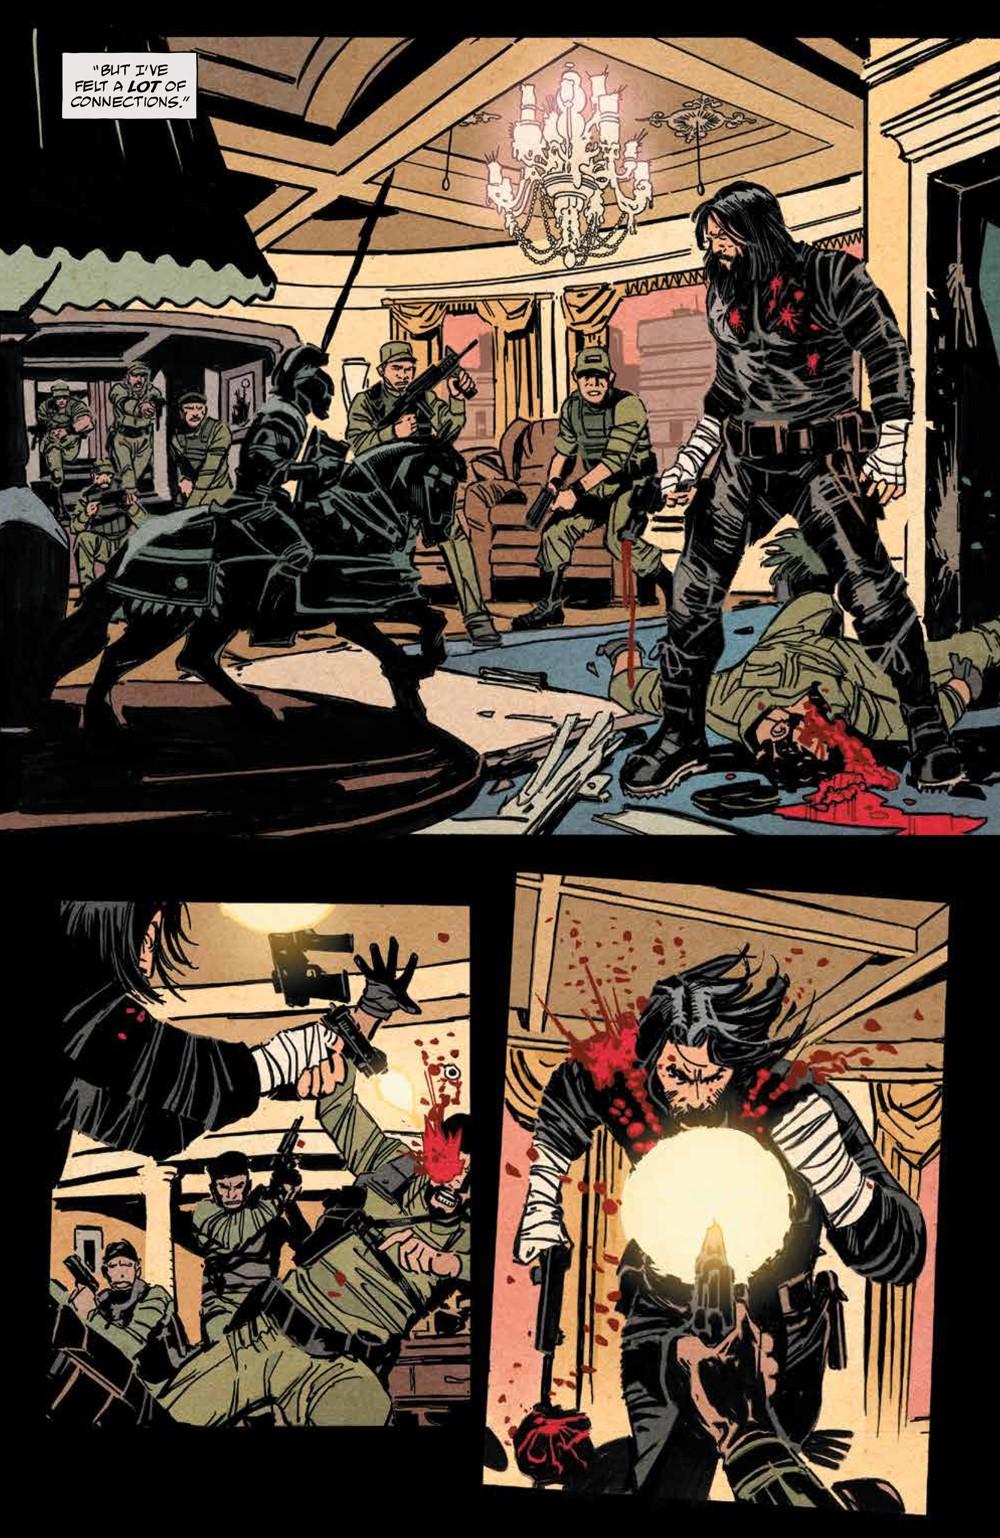 BRZRKR_v1_SC_PRESS_18 ComicList Previews: BRZRKR VOLUME 1 TP